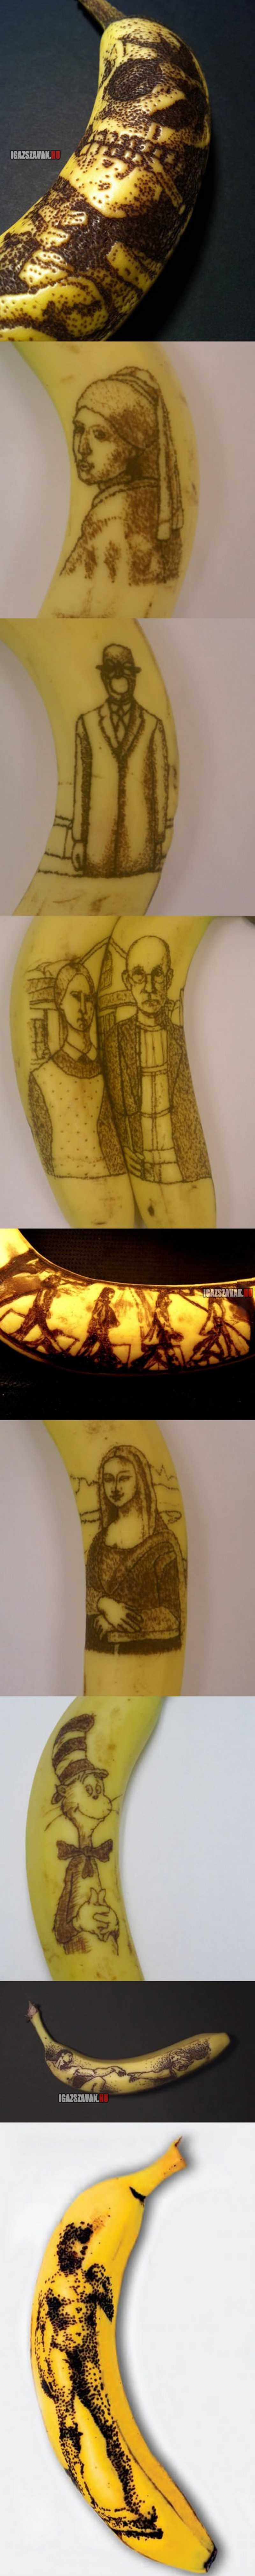 művészeti banán oxidáció, egy tű segítségével